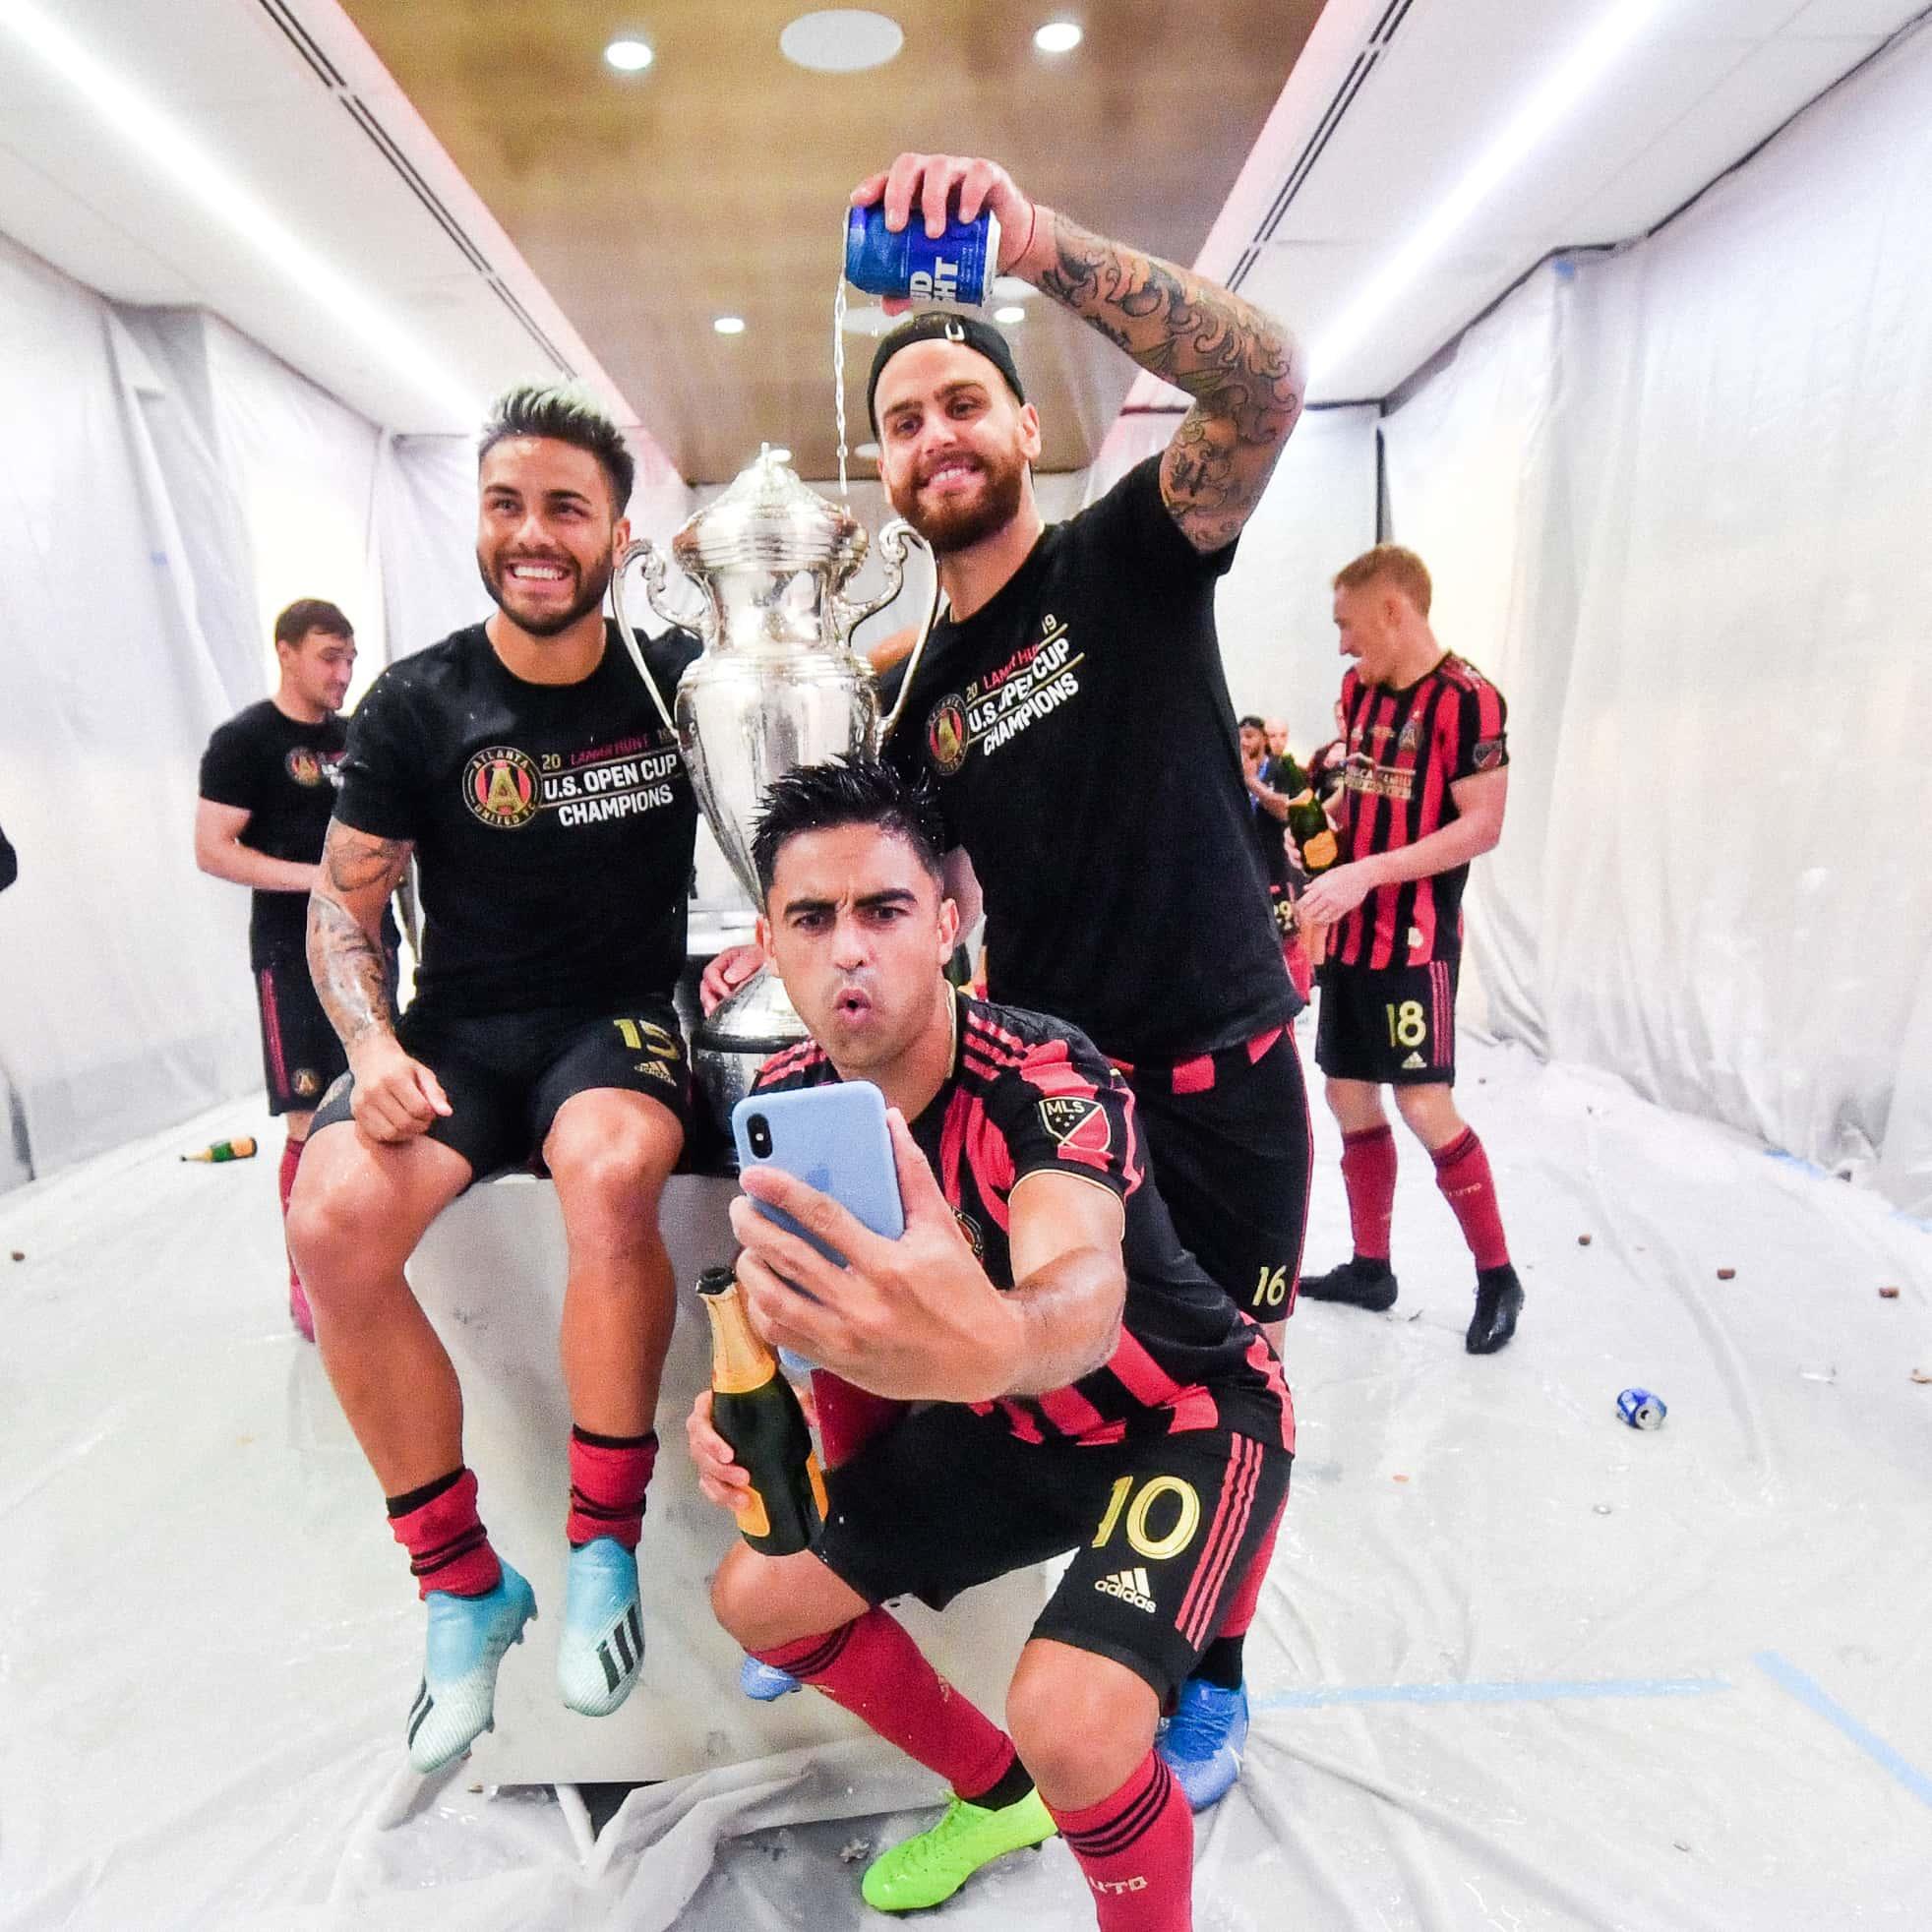 U S  Open Cup 2019 | U S  Soccer Official Website